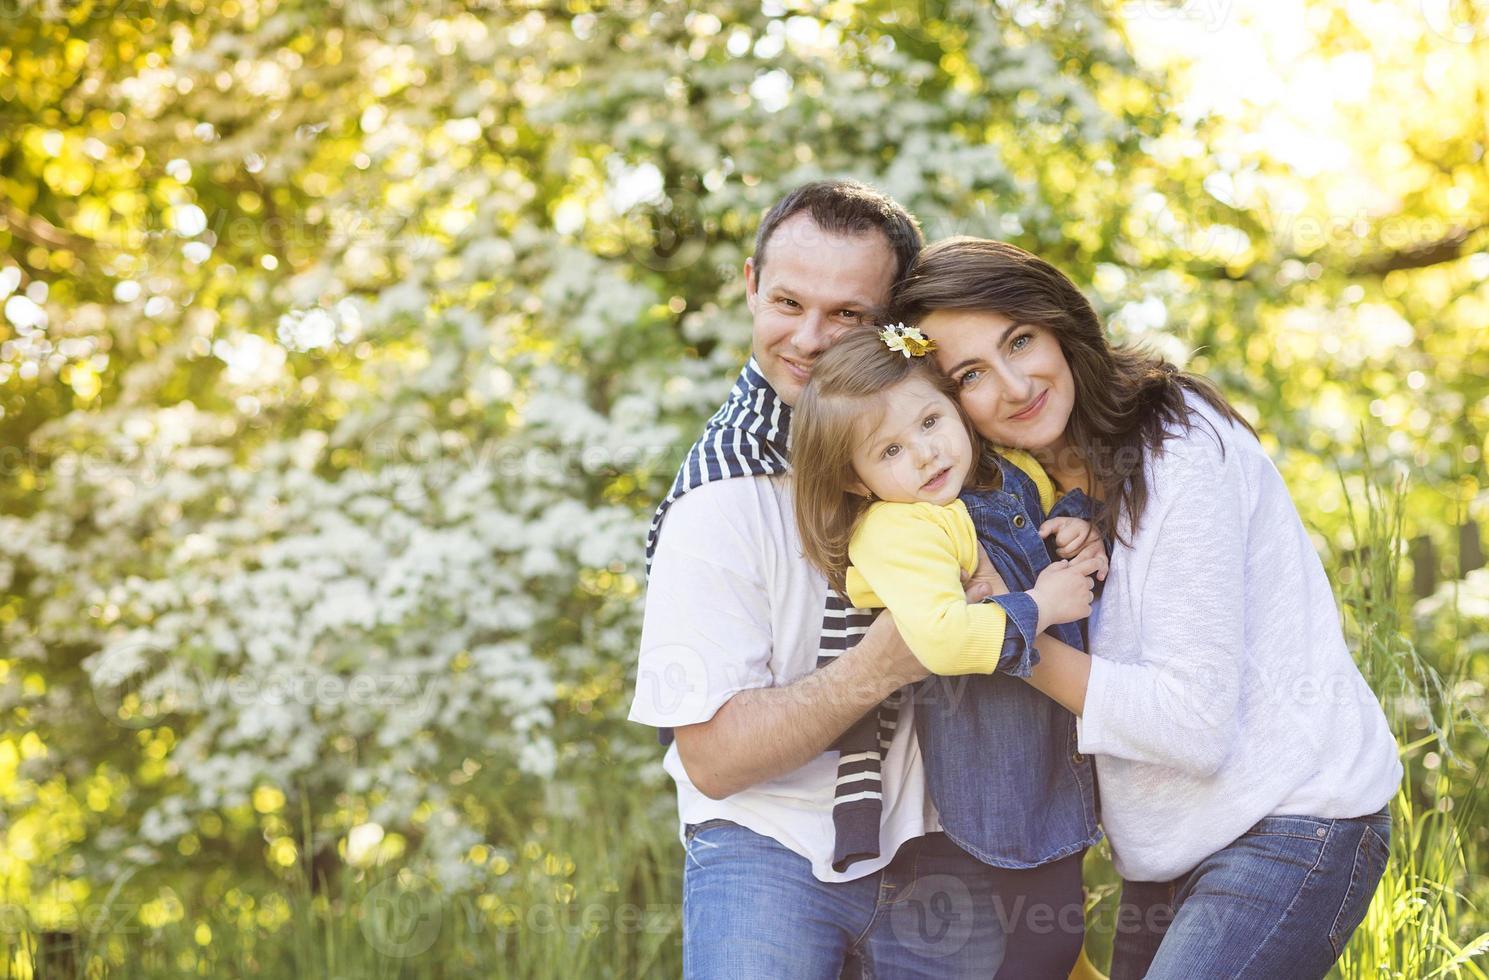 familia feliz en la naturaleza foto